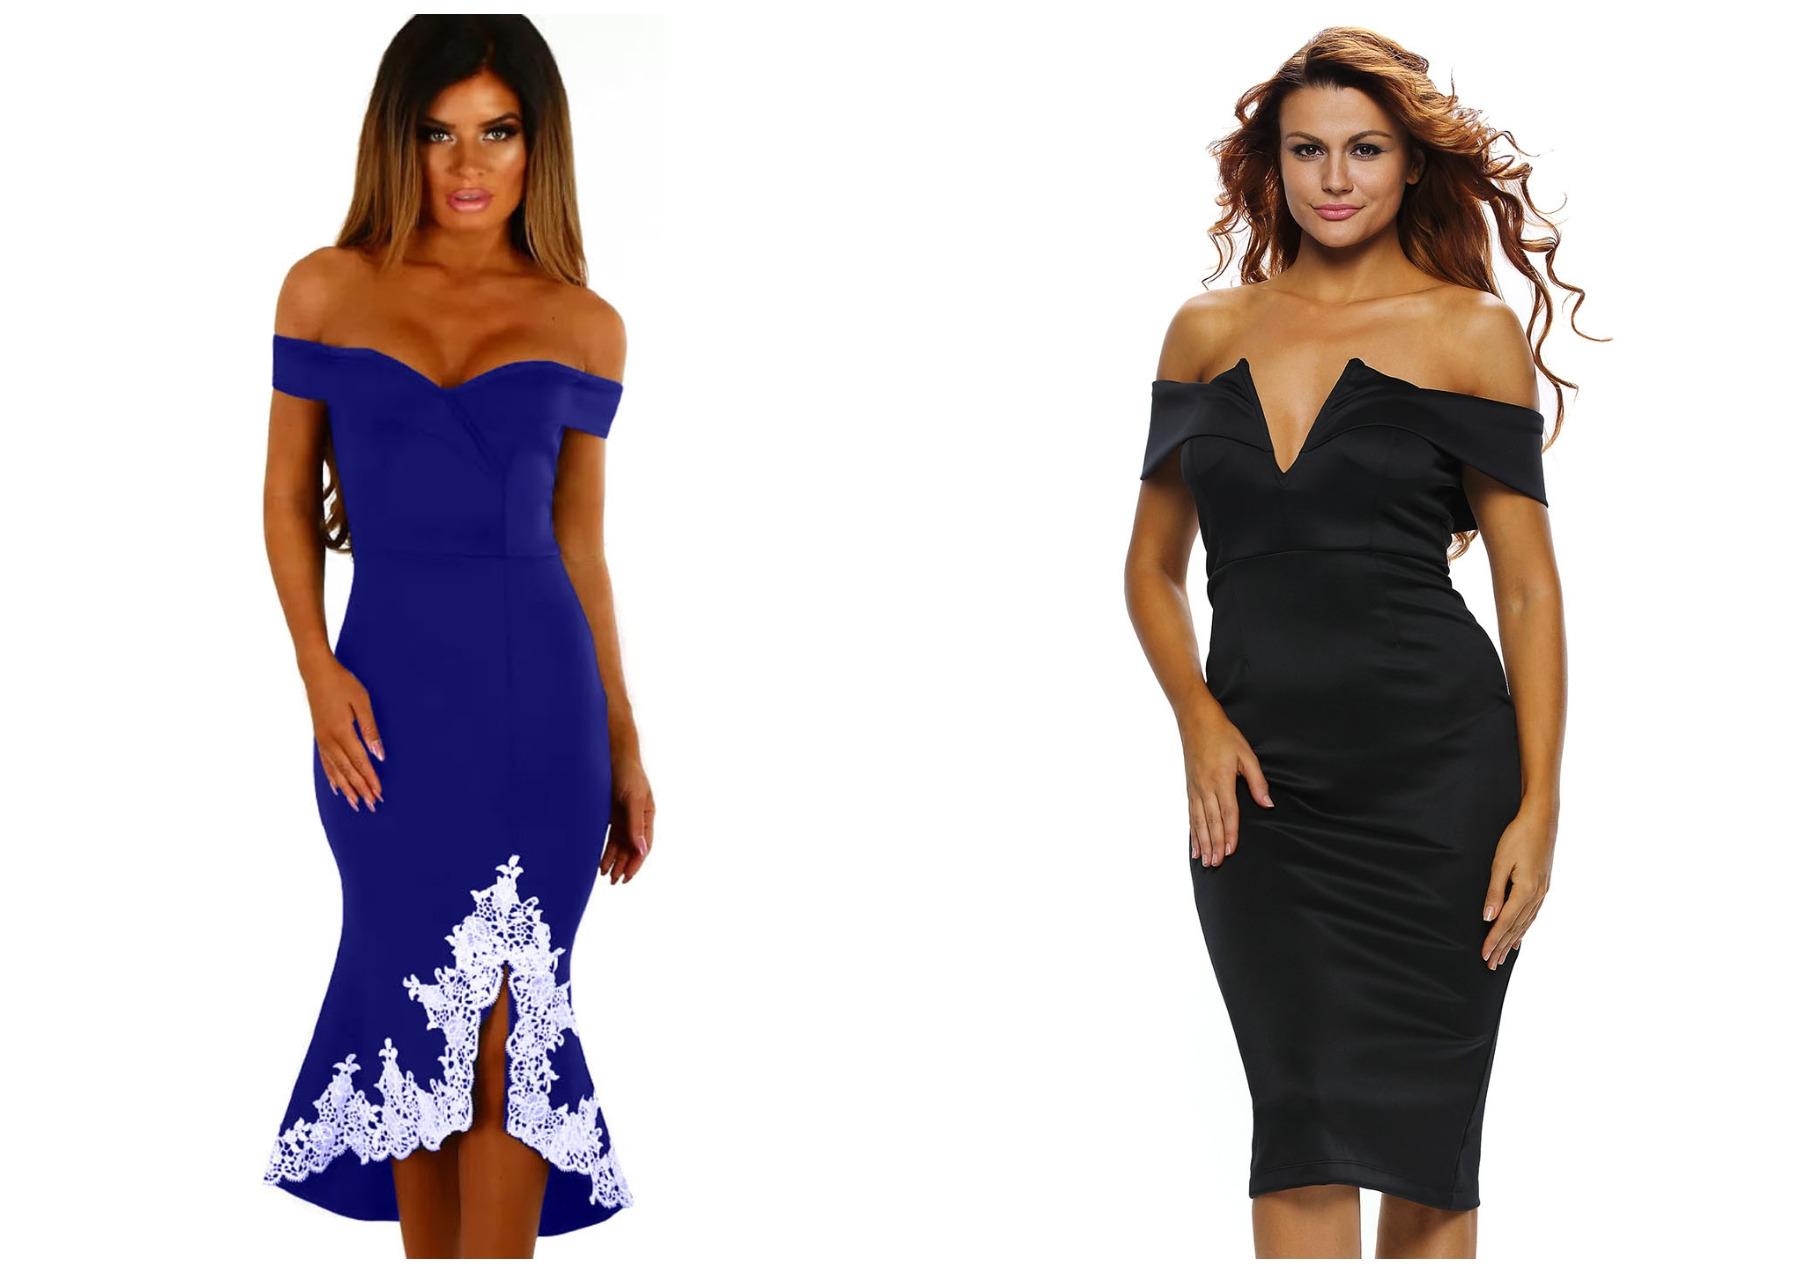 девушки в синем и черном платьях